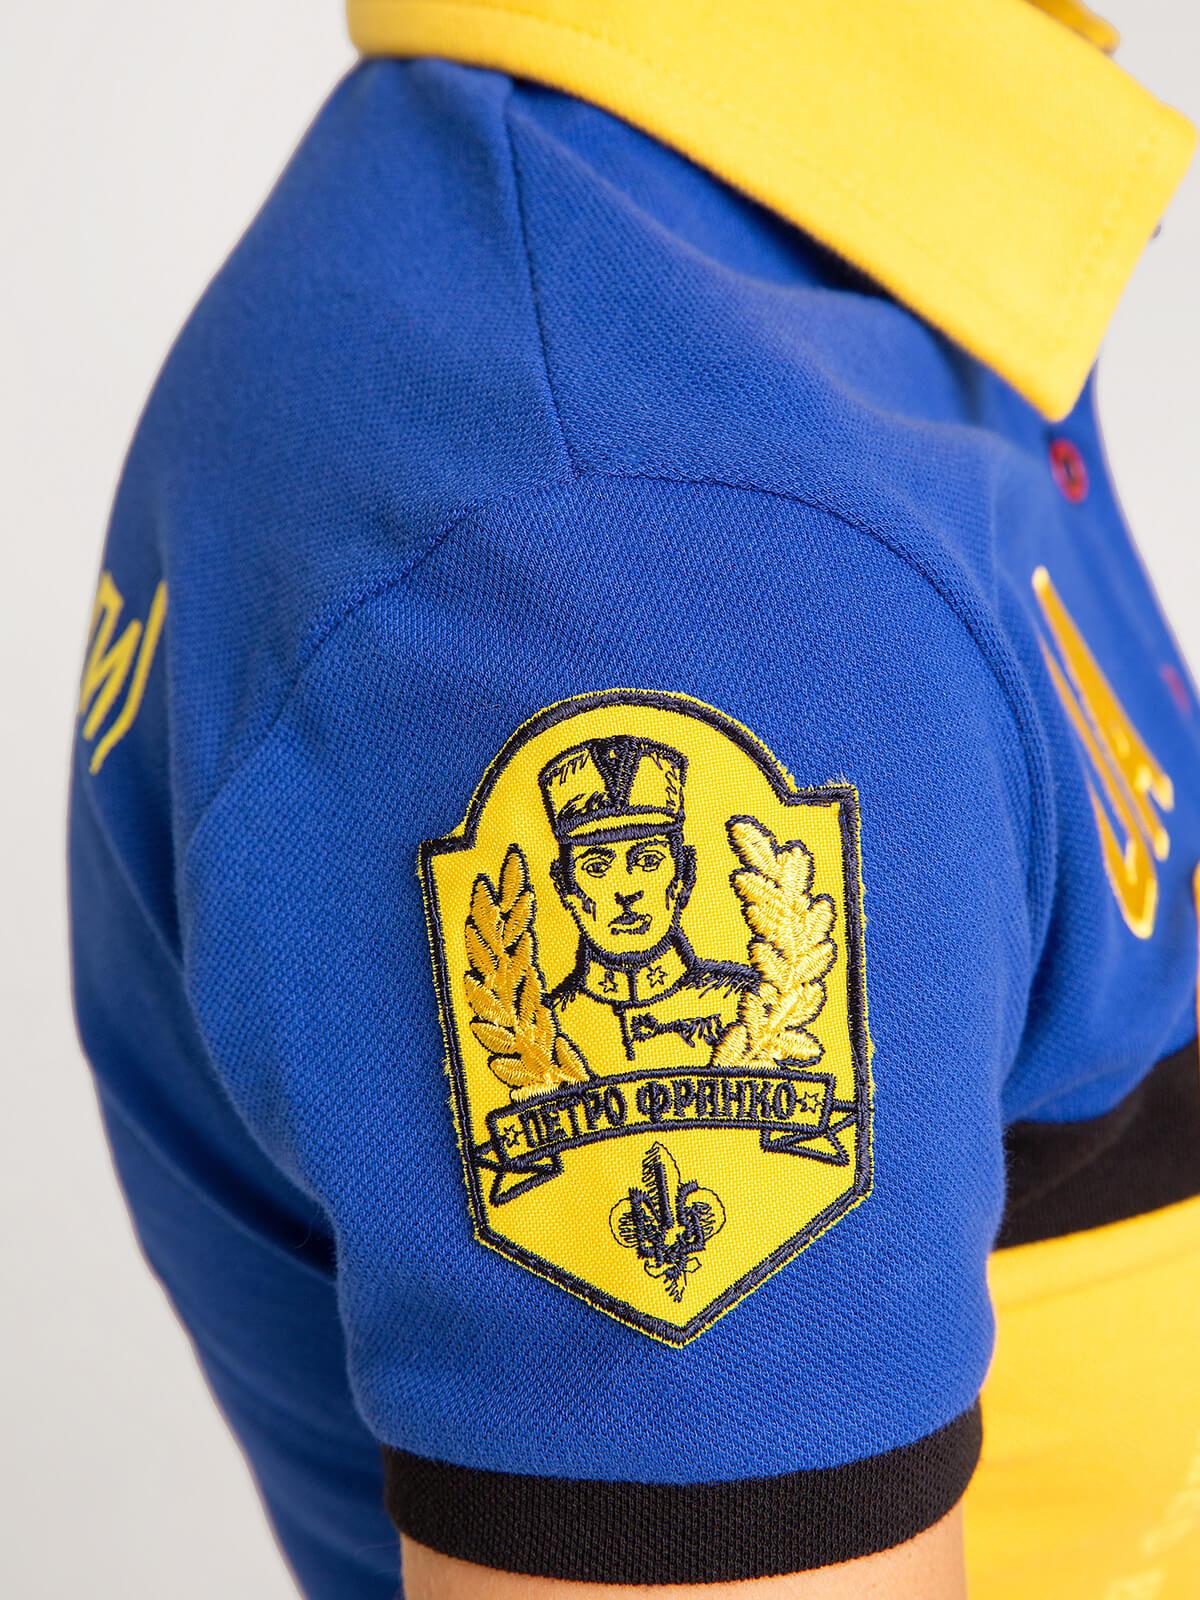 Жіноче Поло 7 Бригада (Петро Франко). Колір синій.  Розмір на моделі: S.